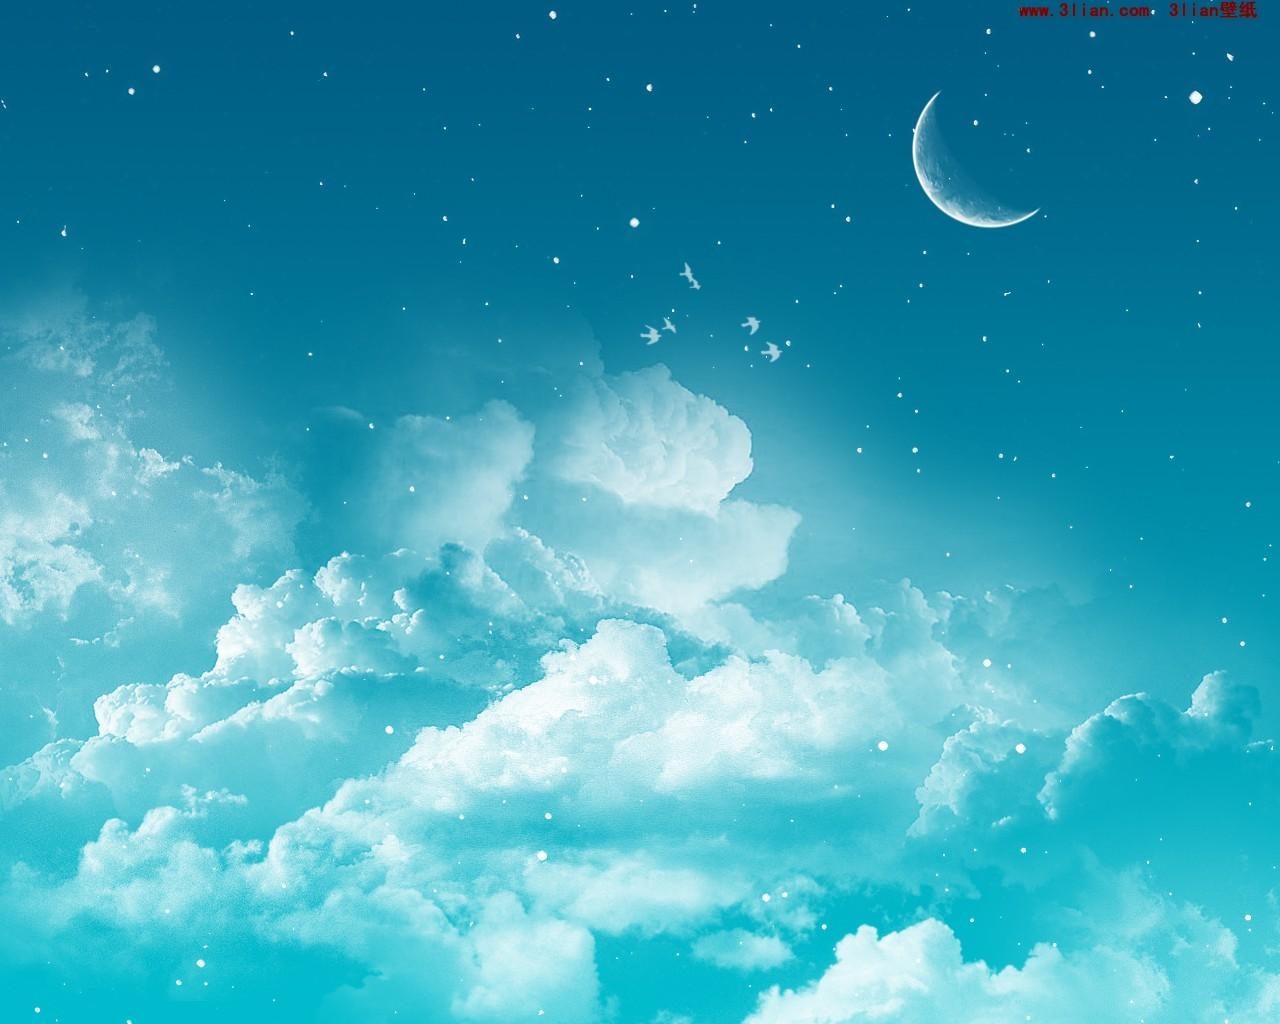 晴朗好天氣 滿天星斗 雨後彩虹 感性黃昏